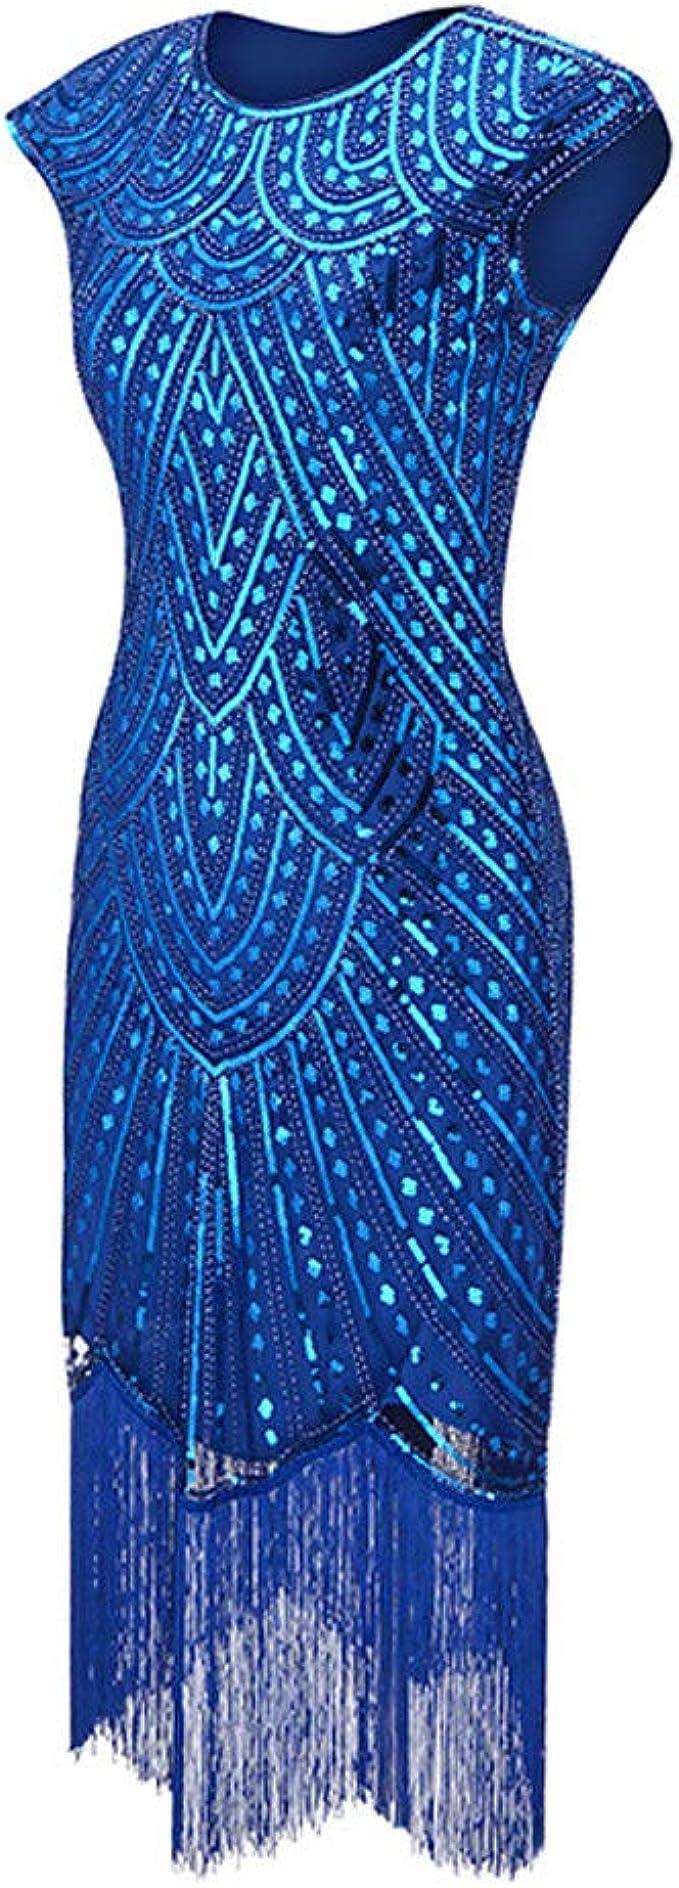 Zegeey Damen Kleid Retro 10er Jahre Paillettenkleid Abendkleid